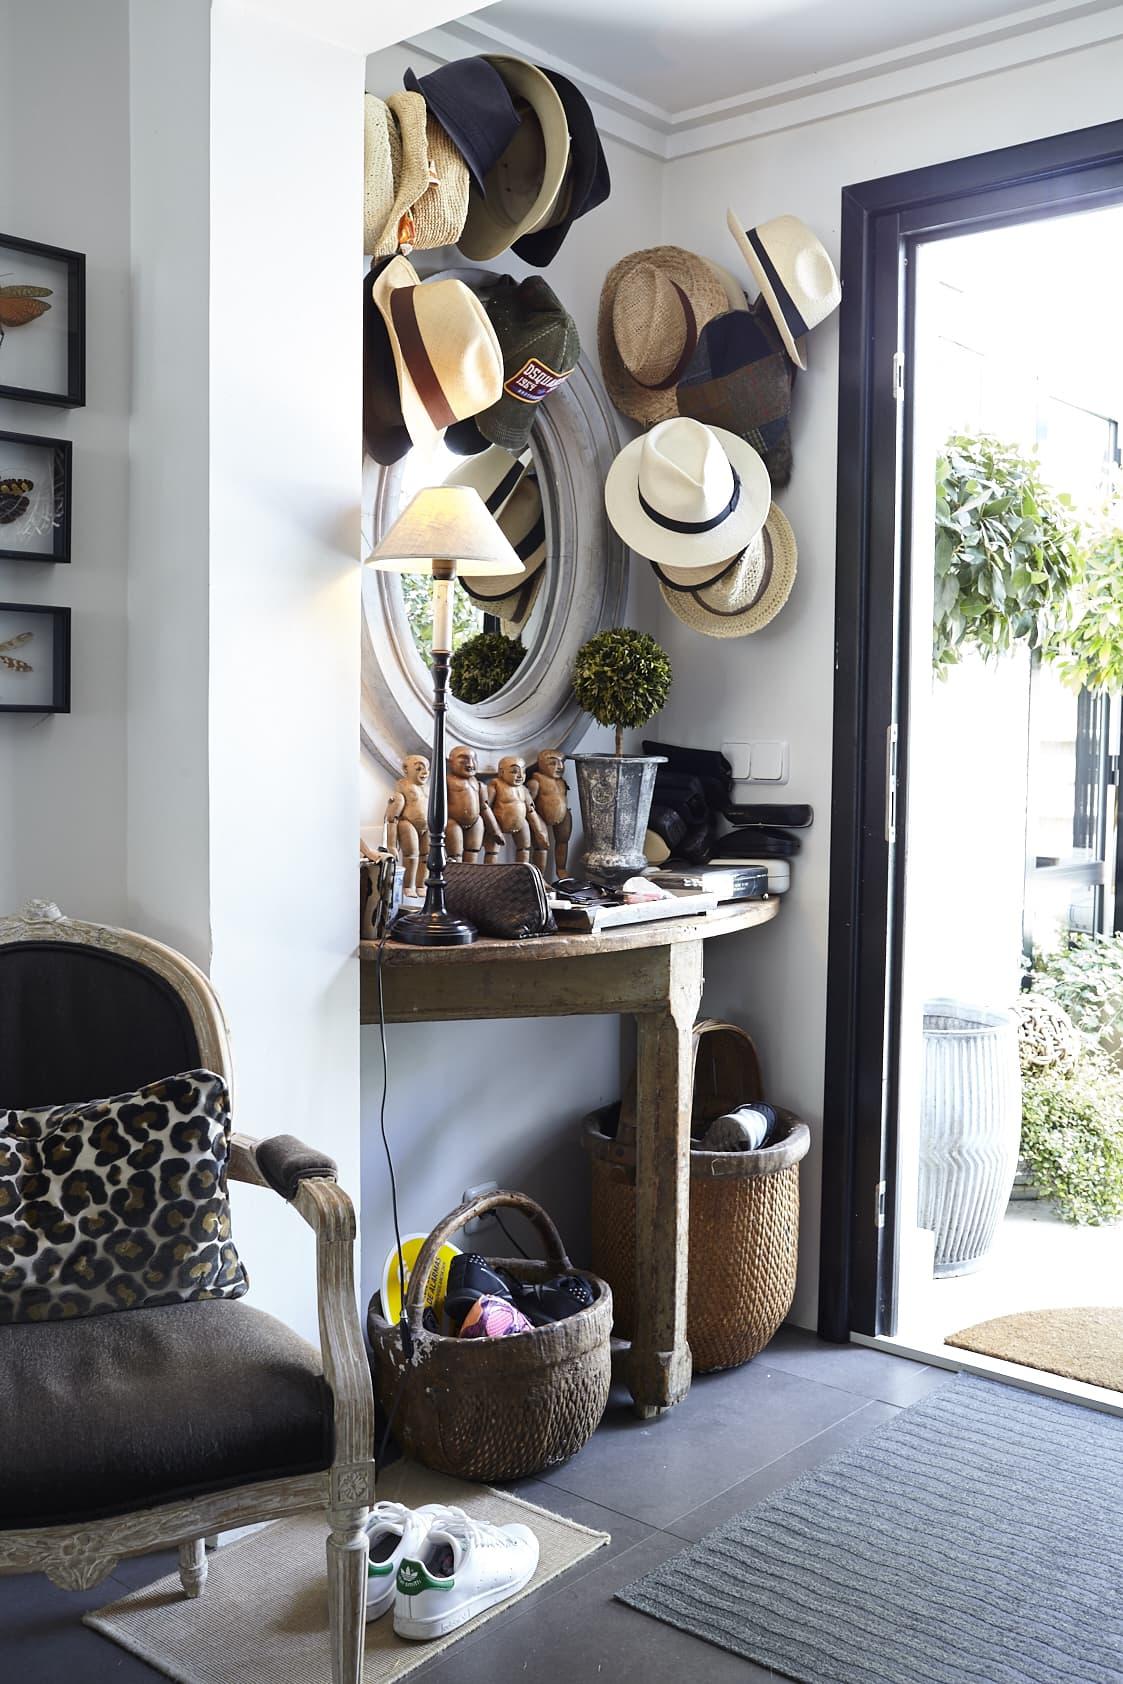 Hallen välkomnar med ett gammalt träbord som Anna ropat in på auktion. Hattsamlingen har hamnat på väggen och det blir lika dekorativt som praktiskt.